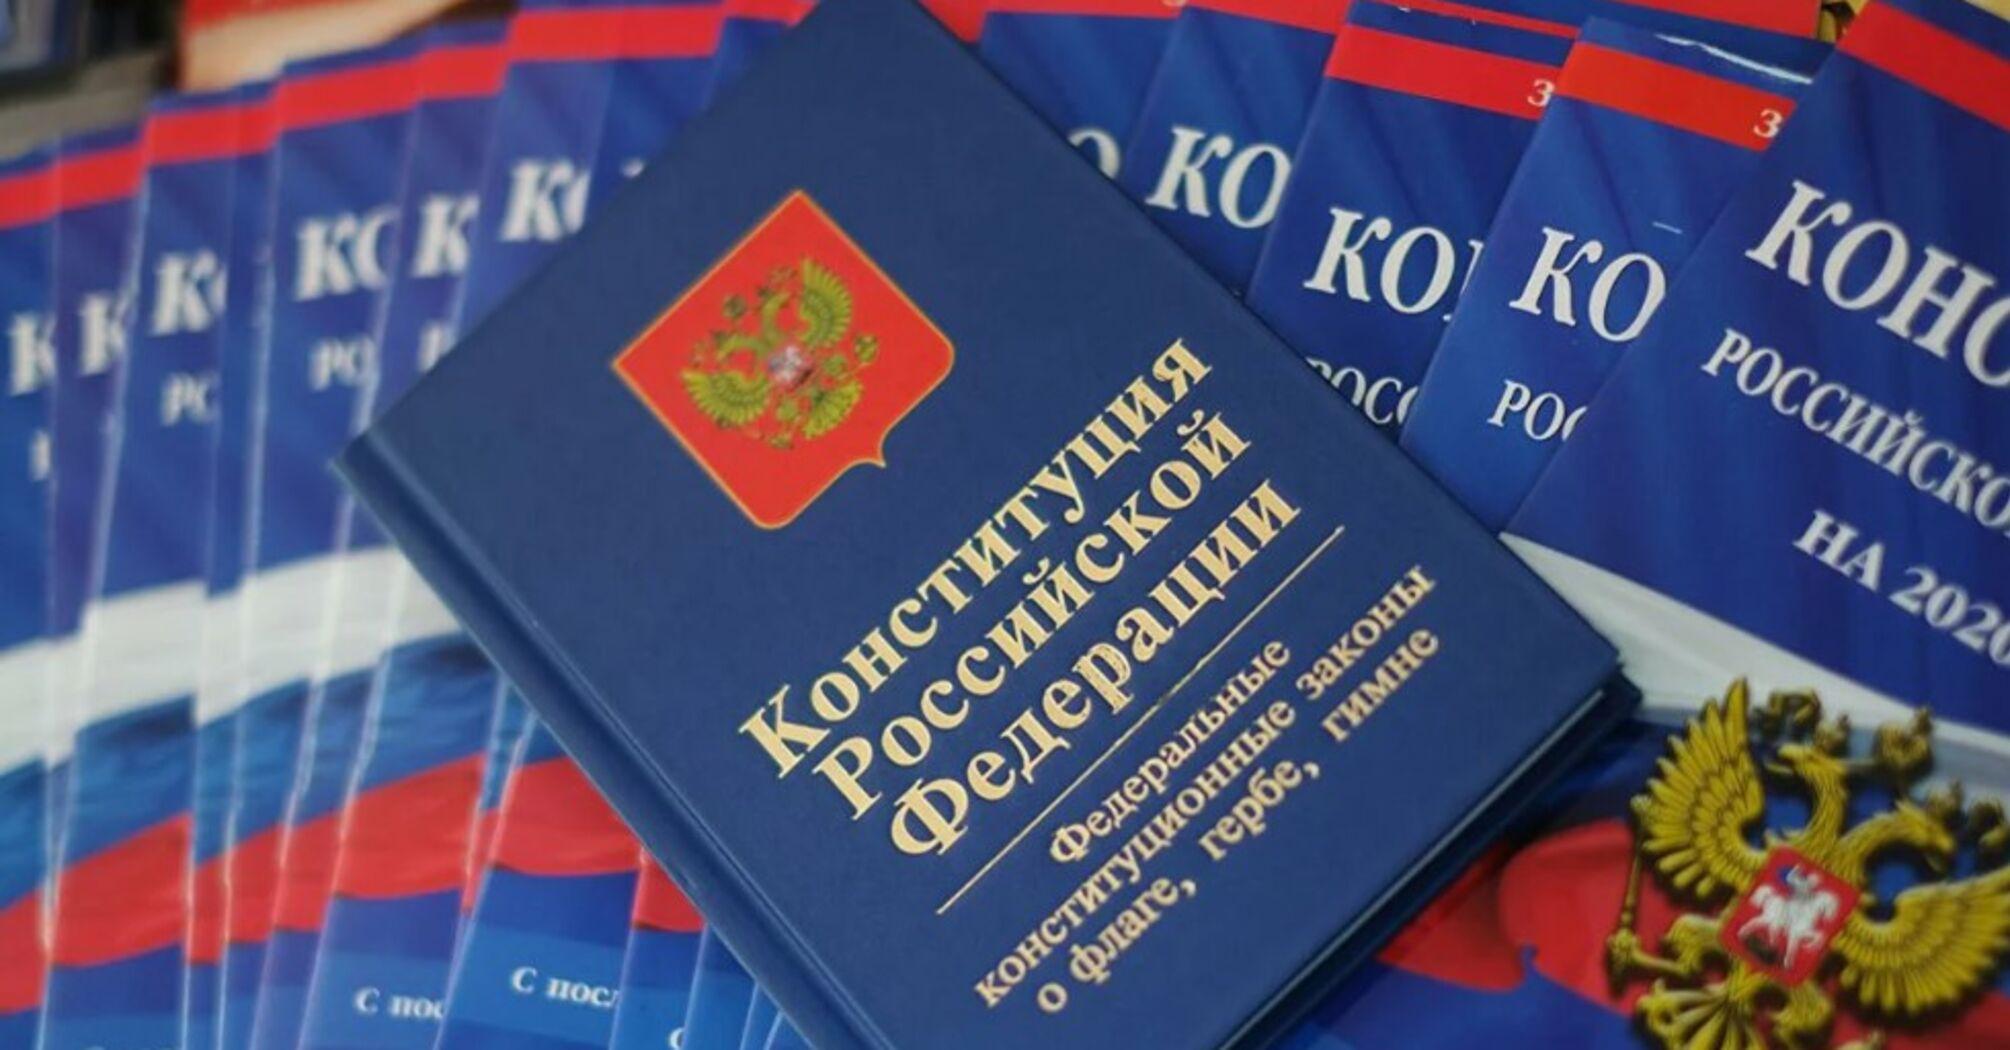 ВР признала нелегитимным голосование за поправки в Конституцию РФ в аннексированном Крыму